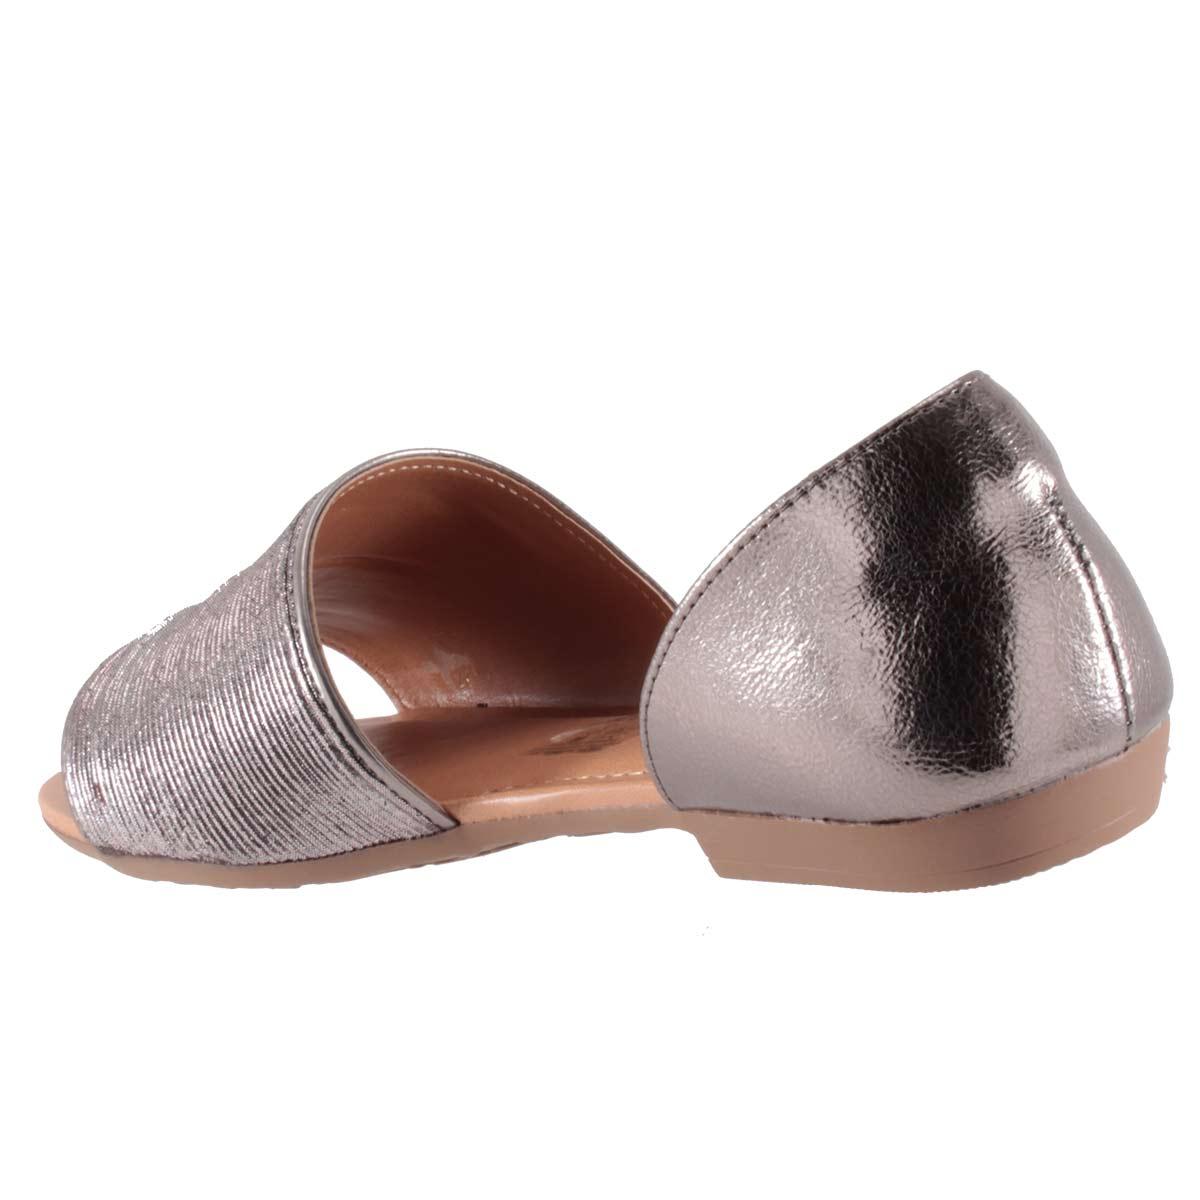 Sandália Dakota Rasteira Metalizada Feminina Linda Confortável Z2653  - Ian Calçados